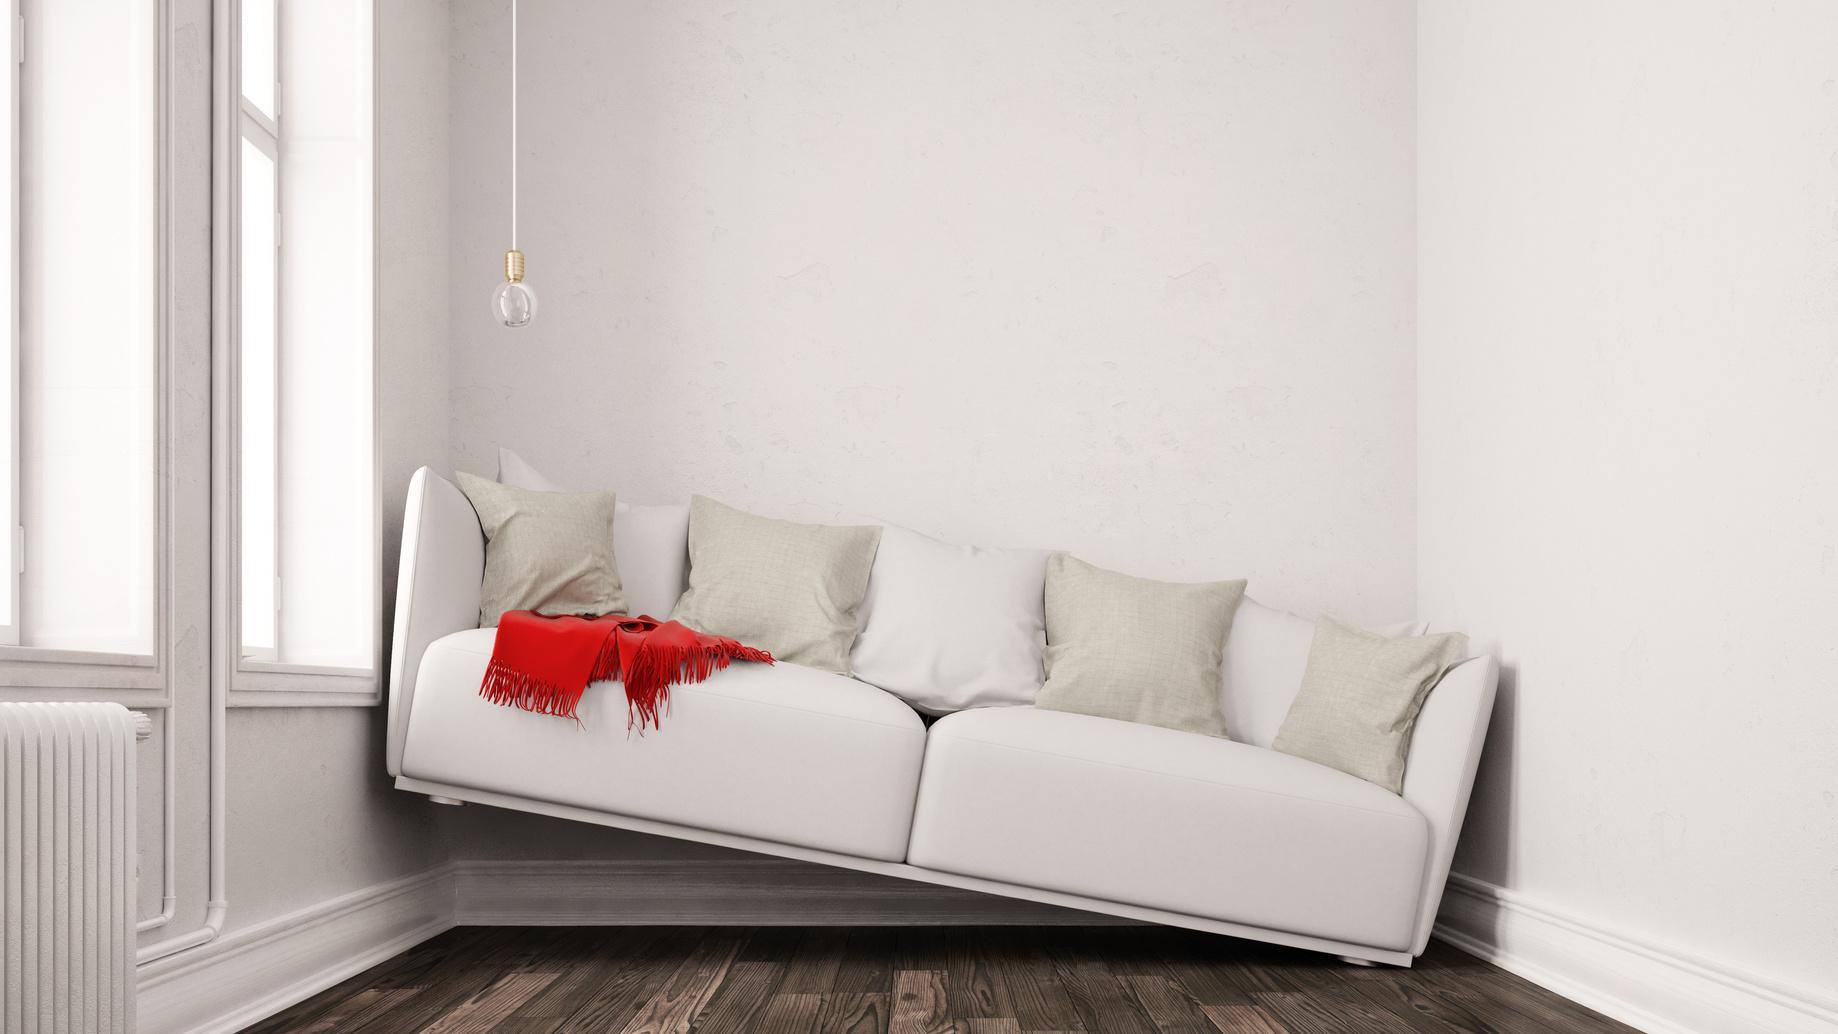 Ideen Für Kleine Wohnzimmer Mit Essplatz